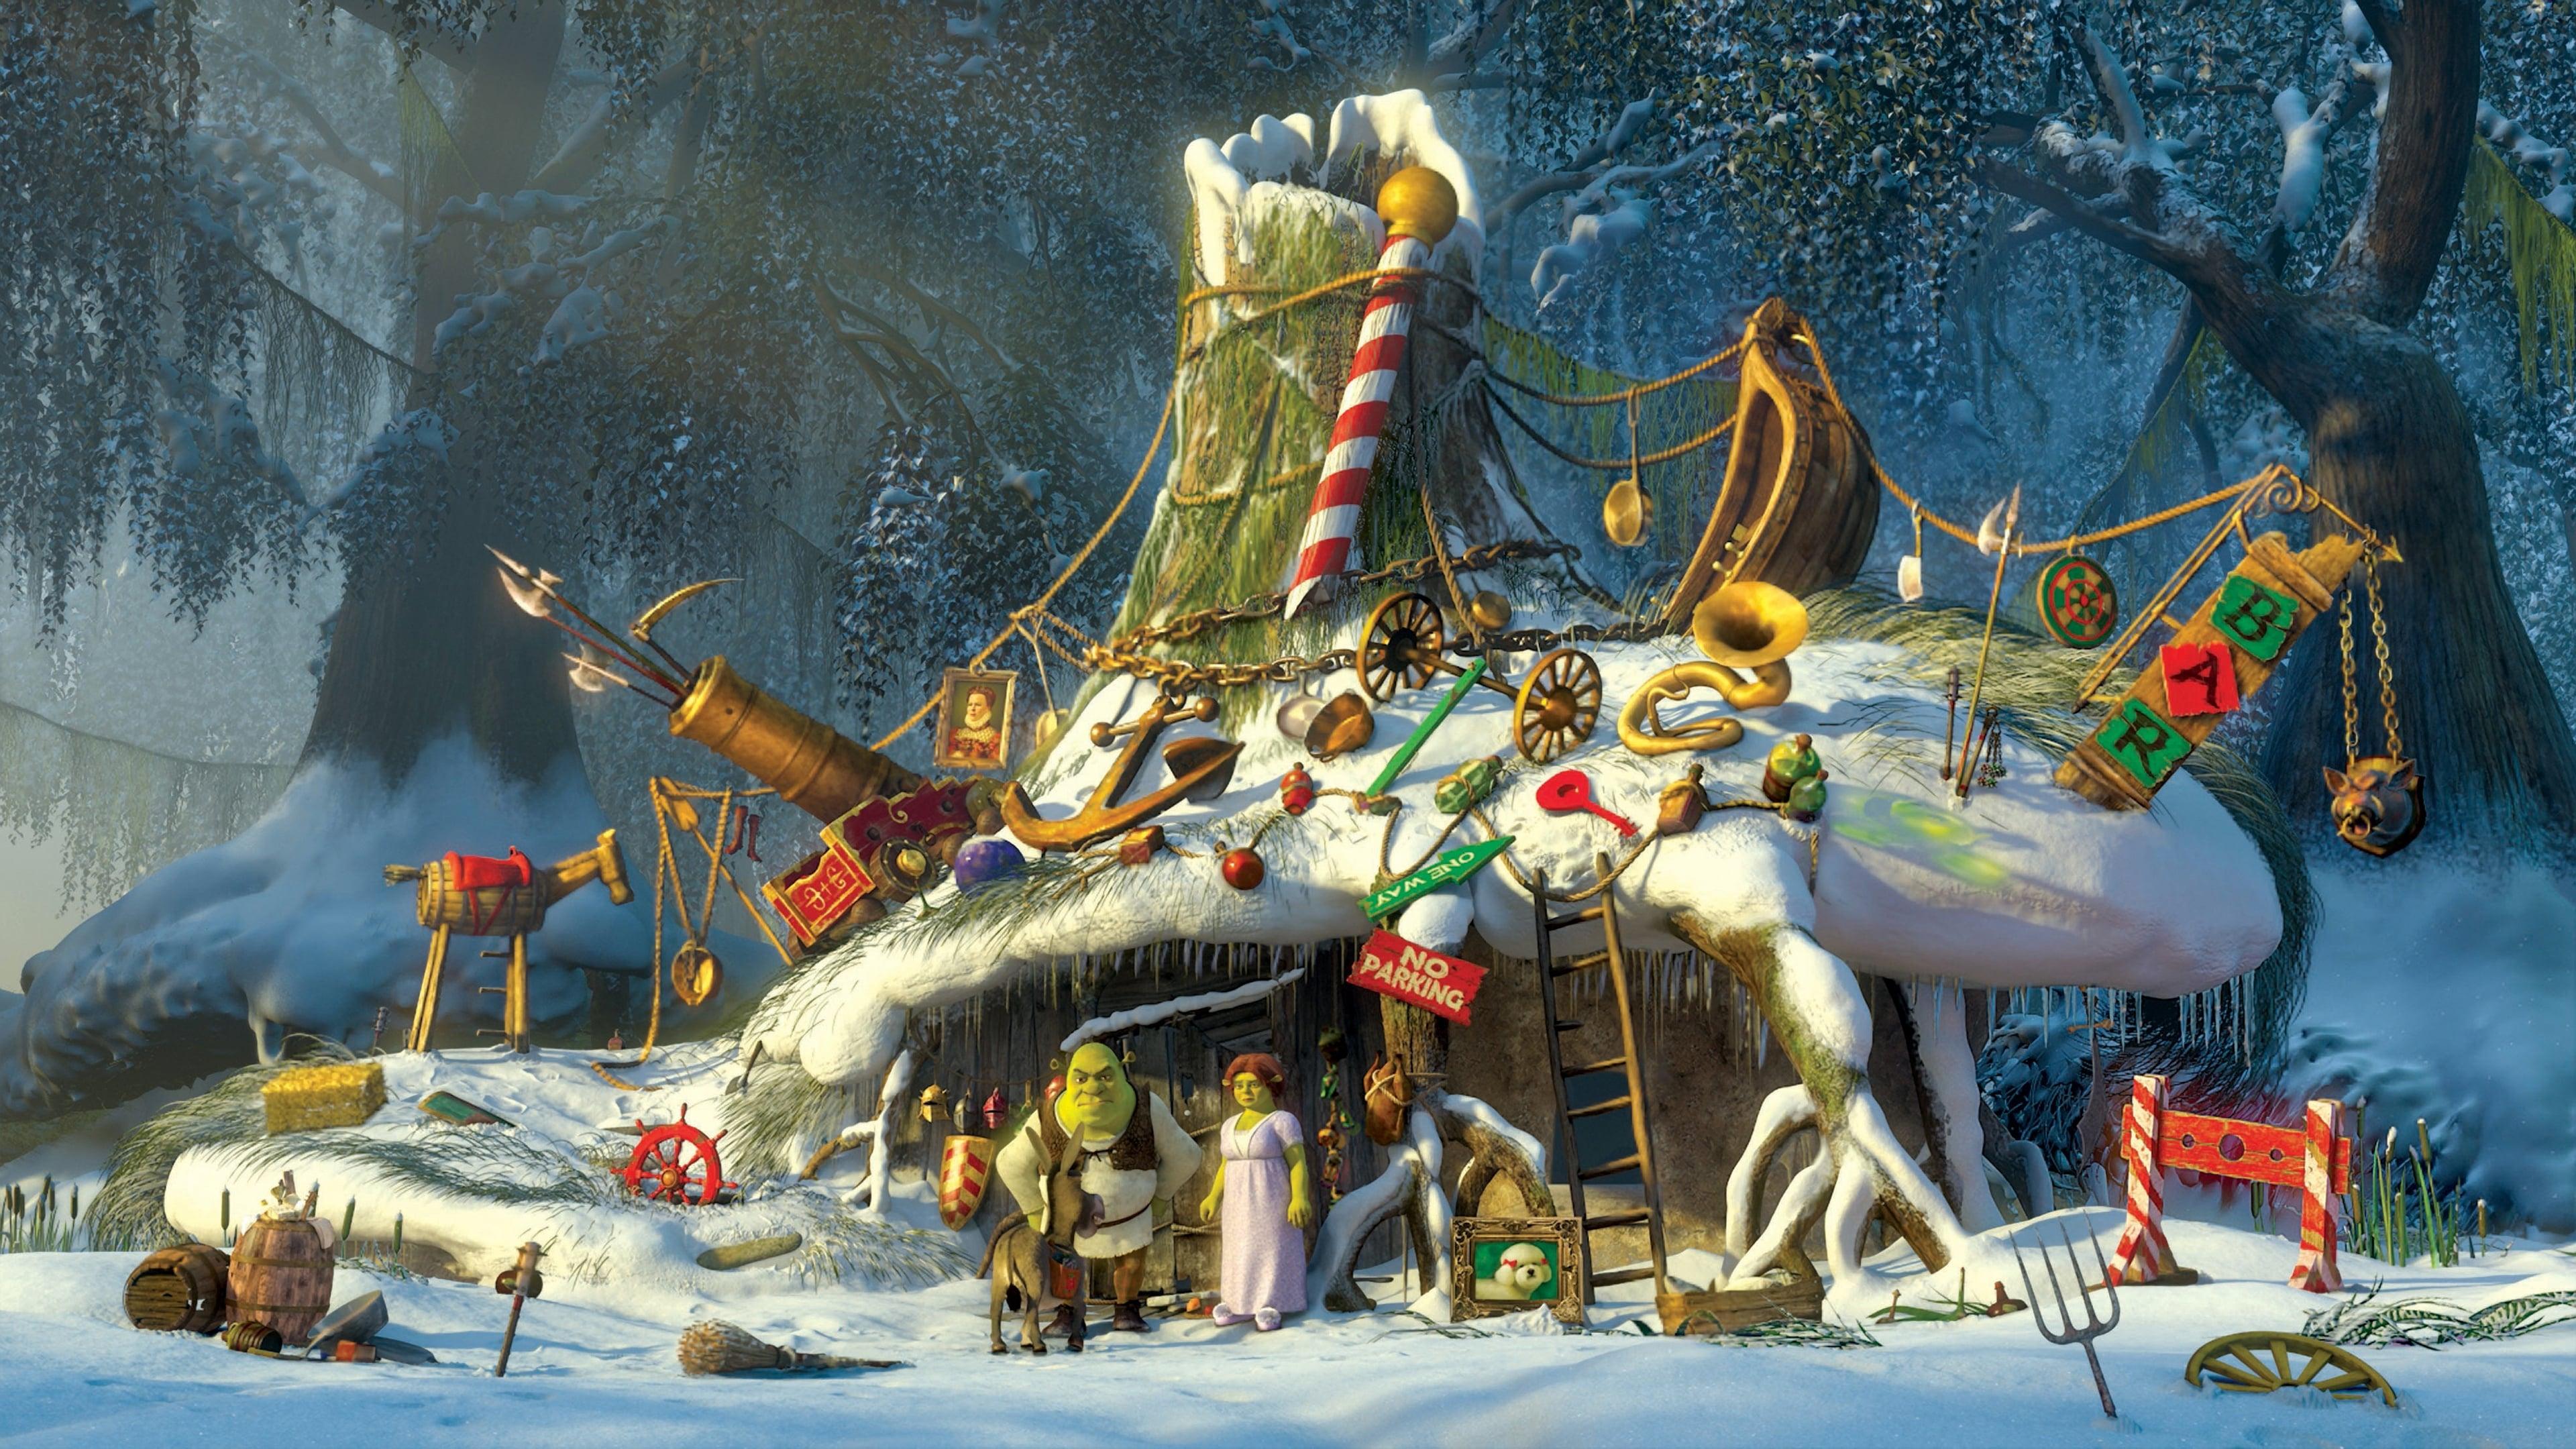 Shrek – ogrorisa la navidad